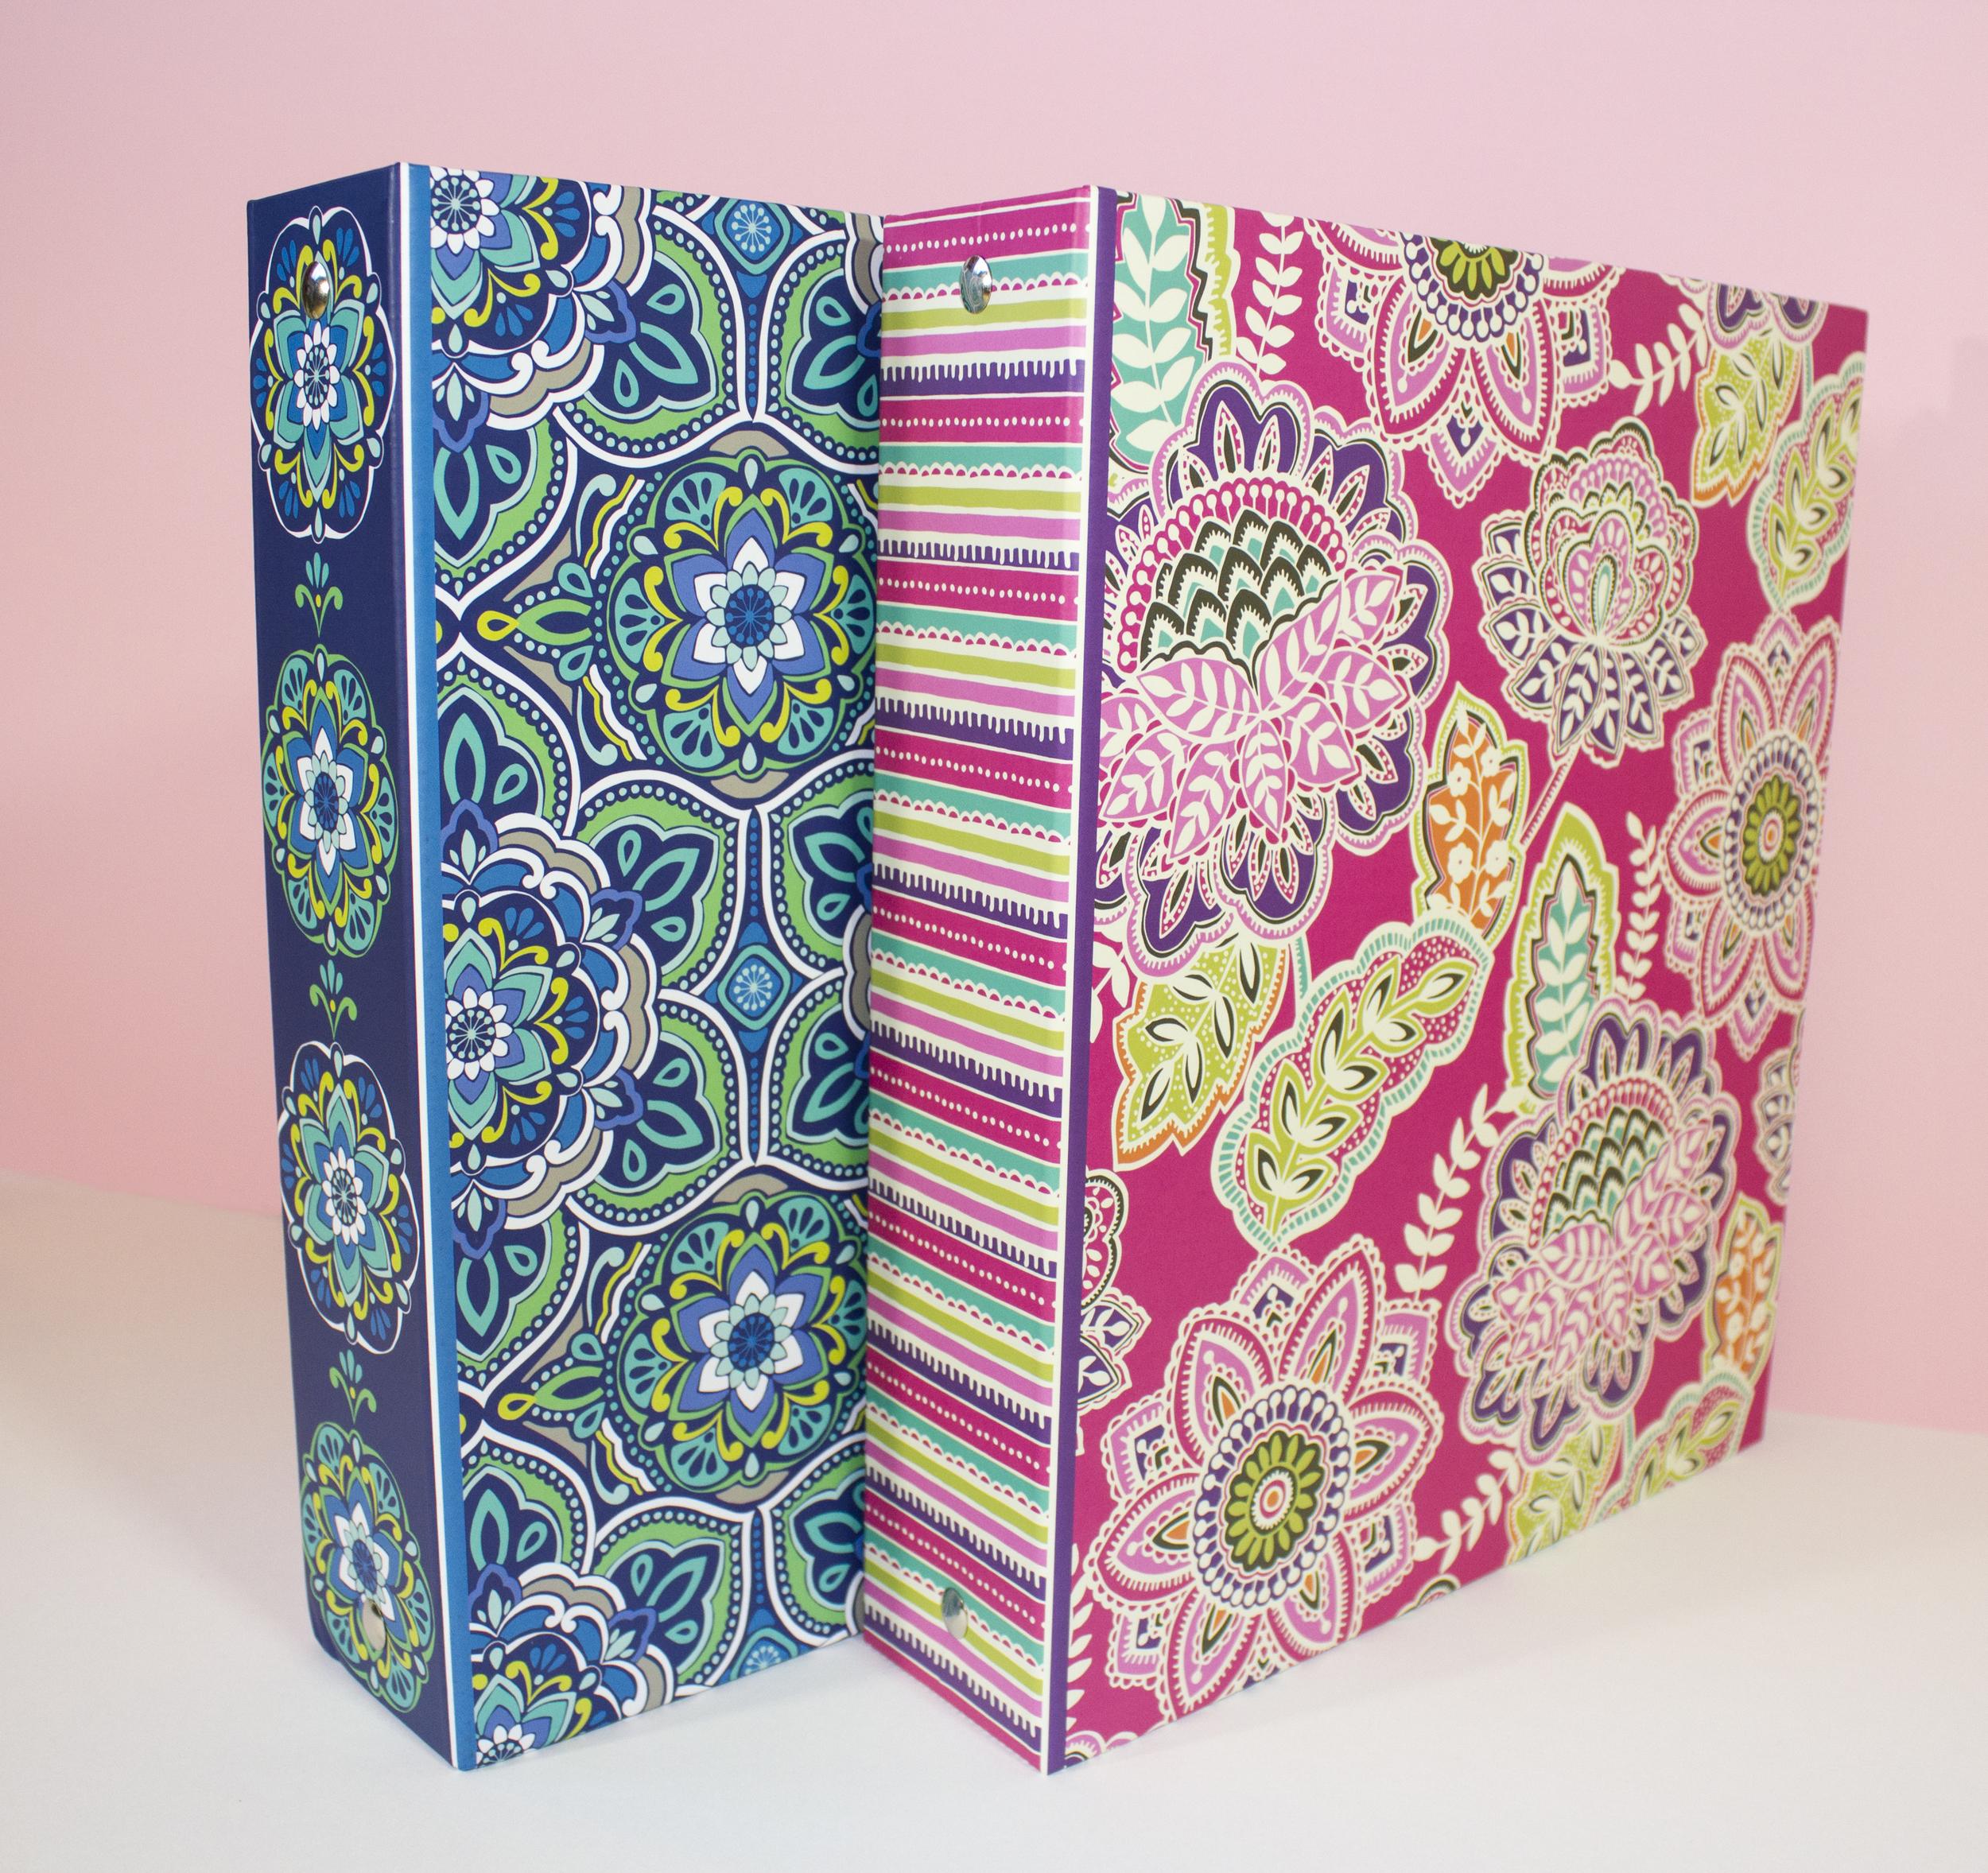 Enchante + Diane Kappa Designs